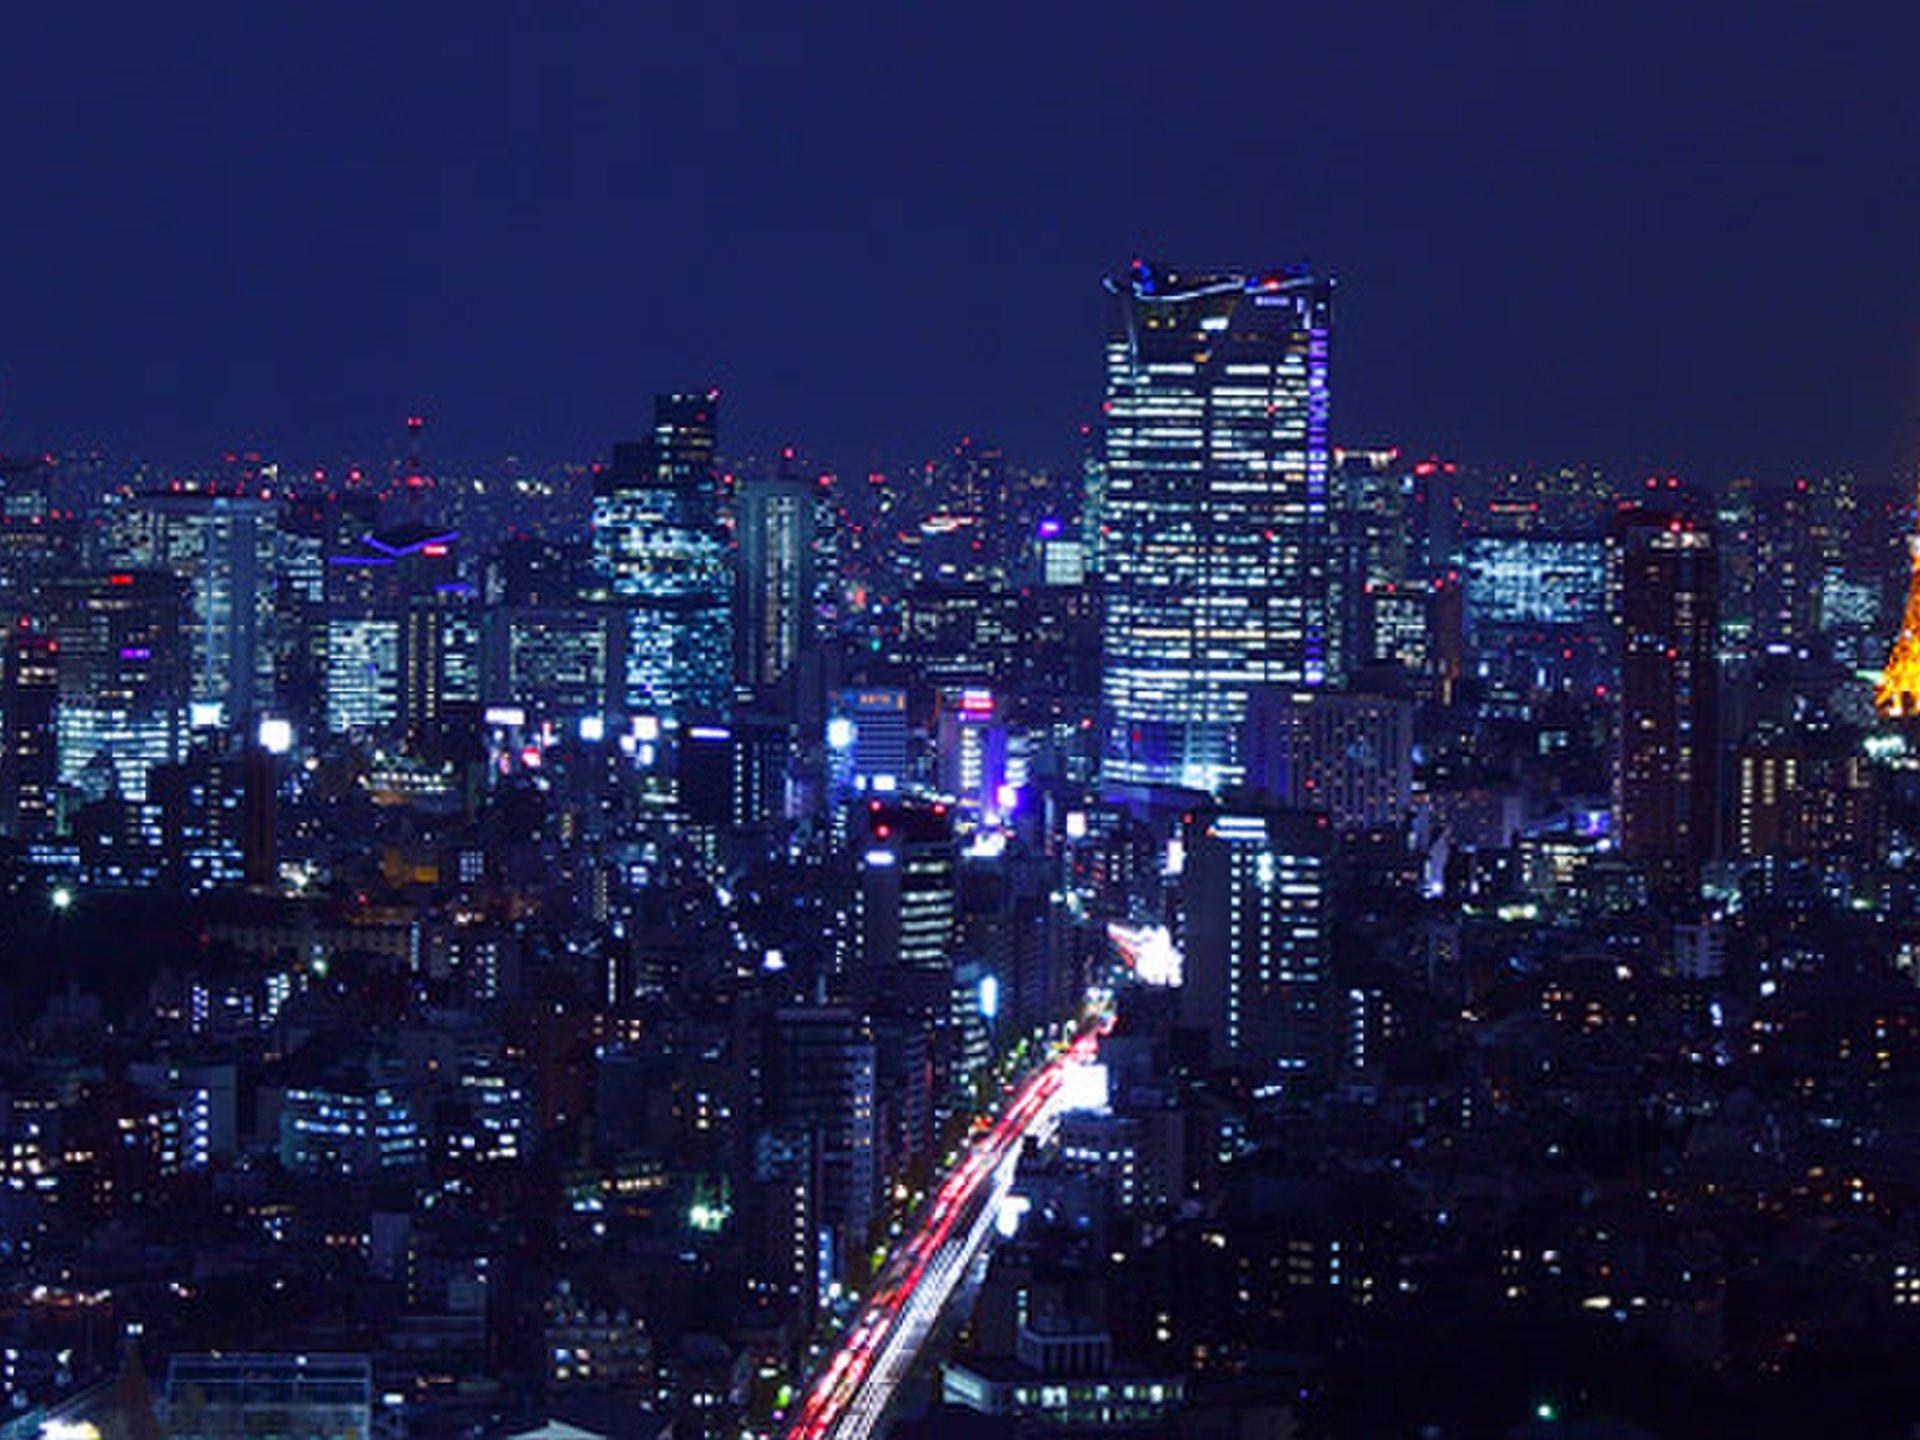 渋谷でおすすめの居酒屋・カフェ!シーン別3選♪